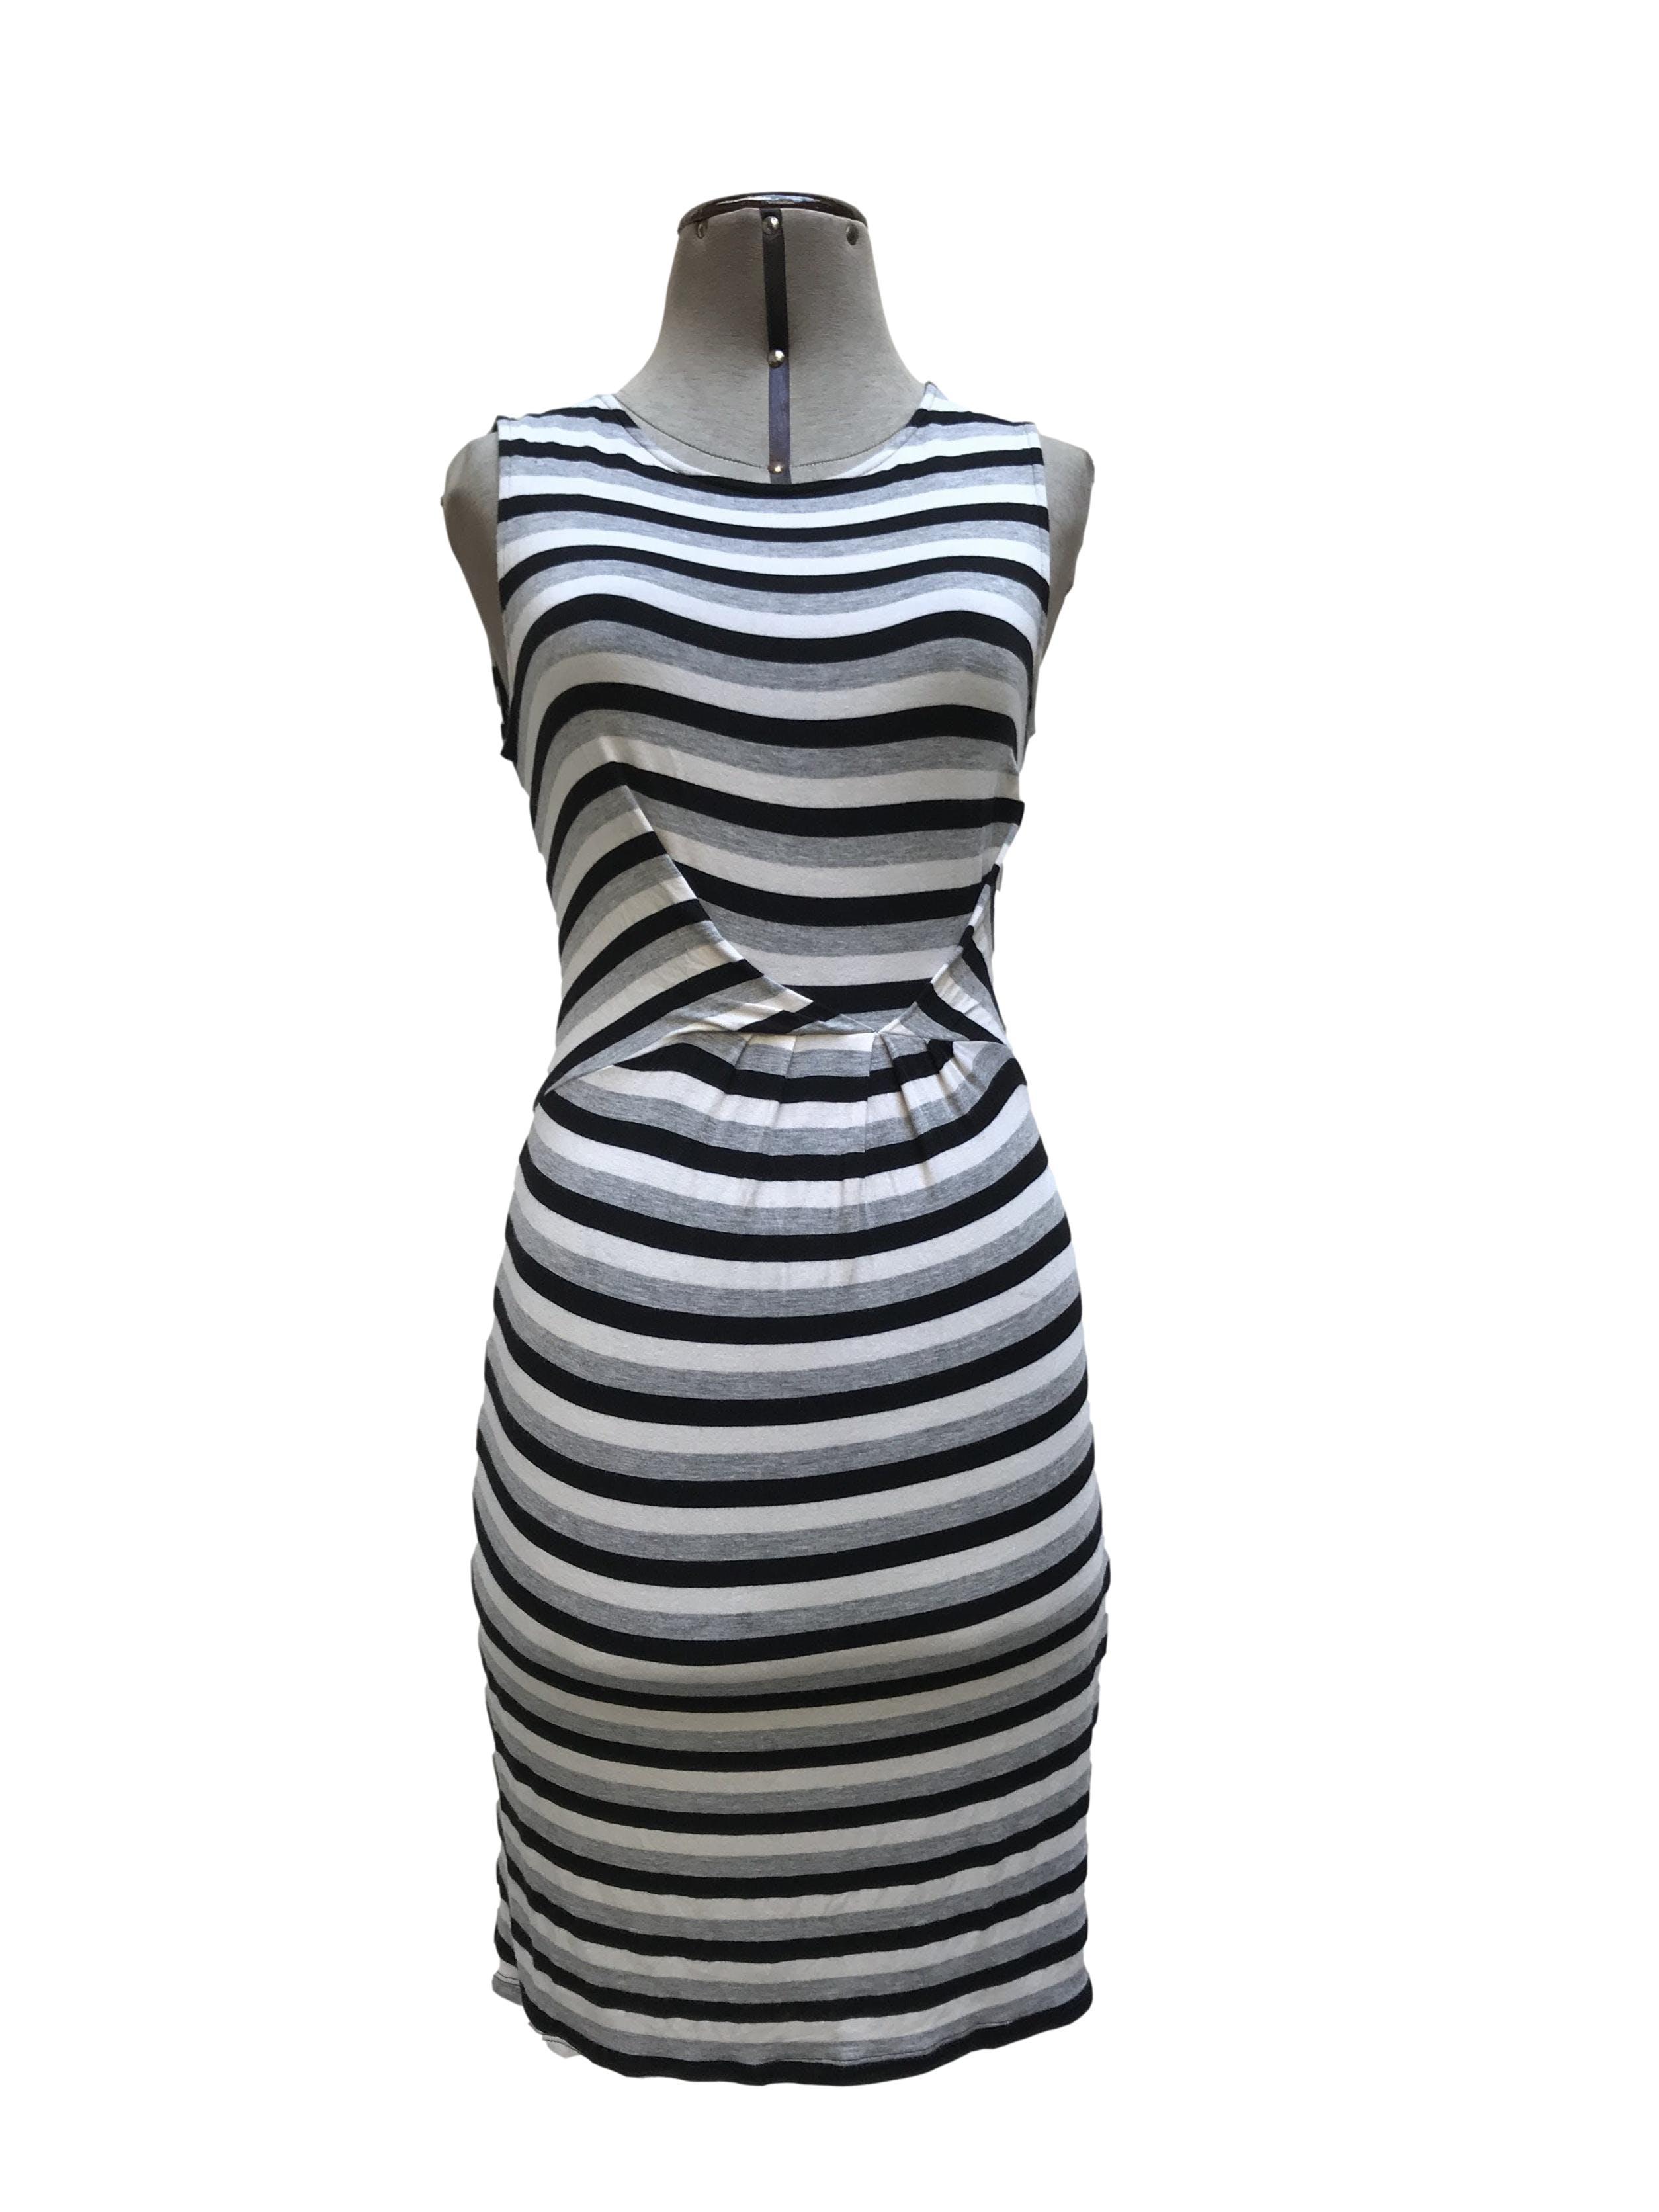 Vestido Apology London, tela tipo algodón stretch a rayas crema y grises, forrado, drapeado central. Lindo y fresco! Talla S